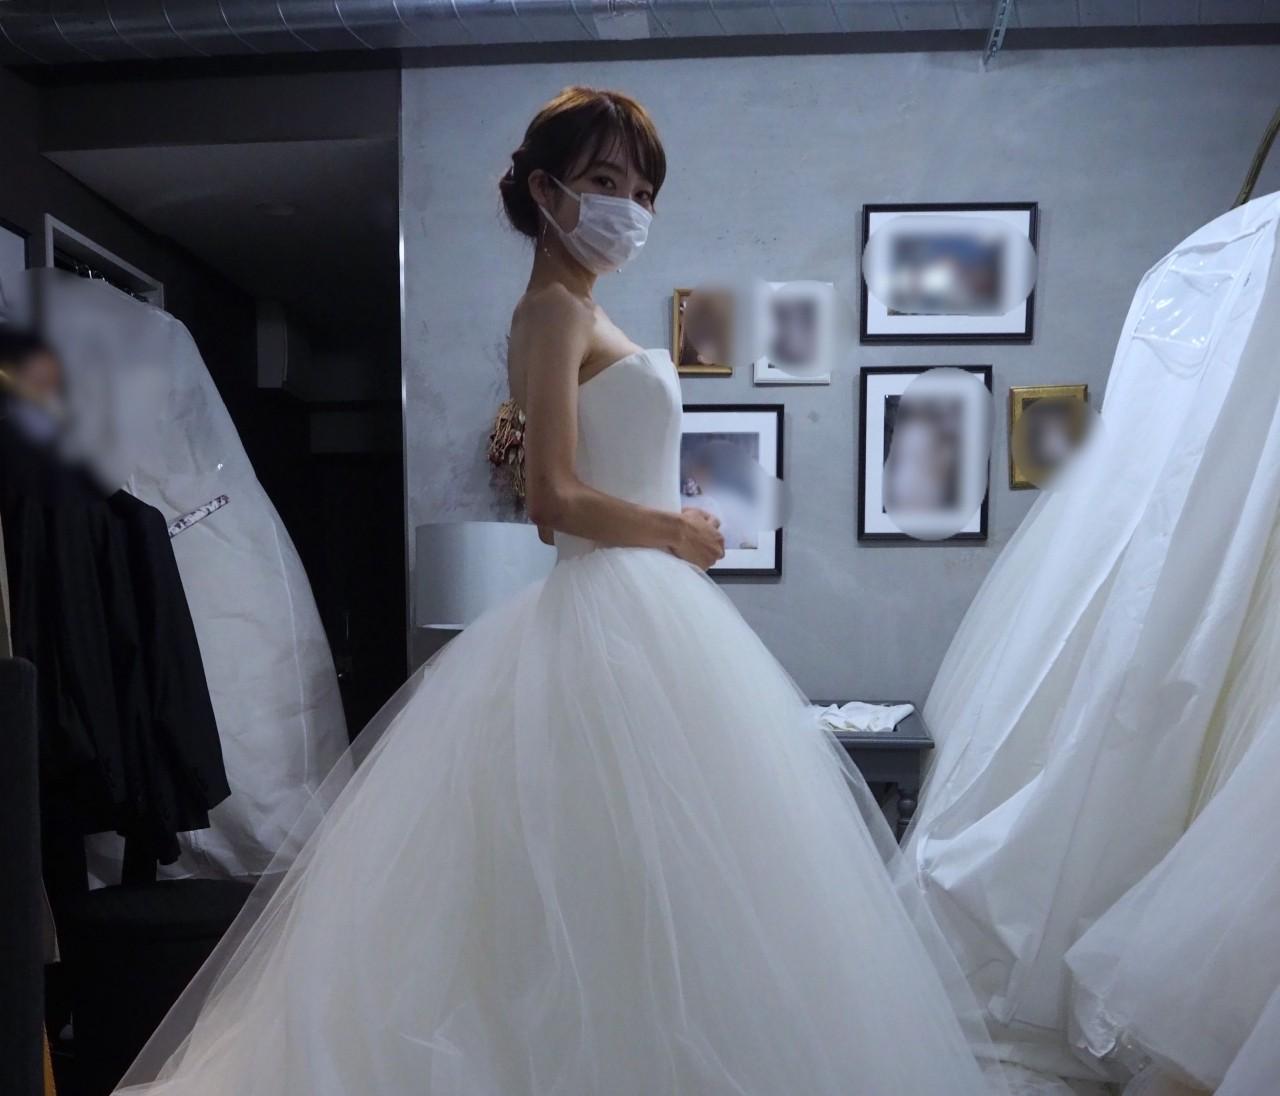 《Wedding》ニューノーマルな『結婚式のカタチ』とは?